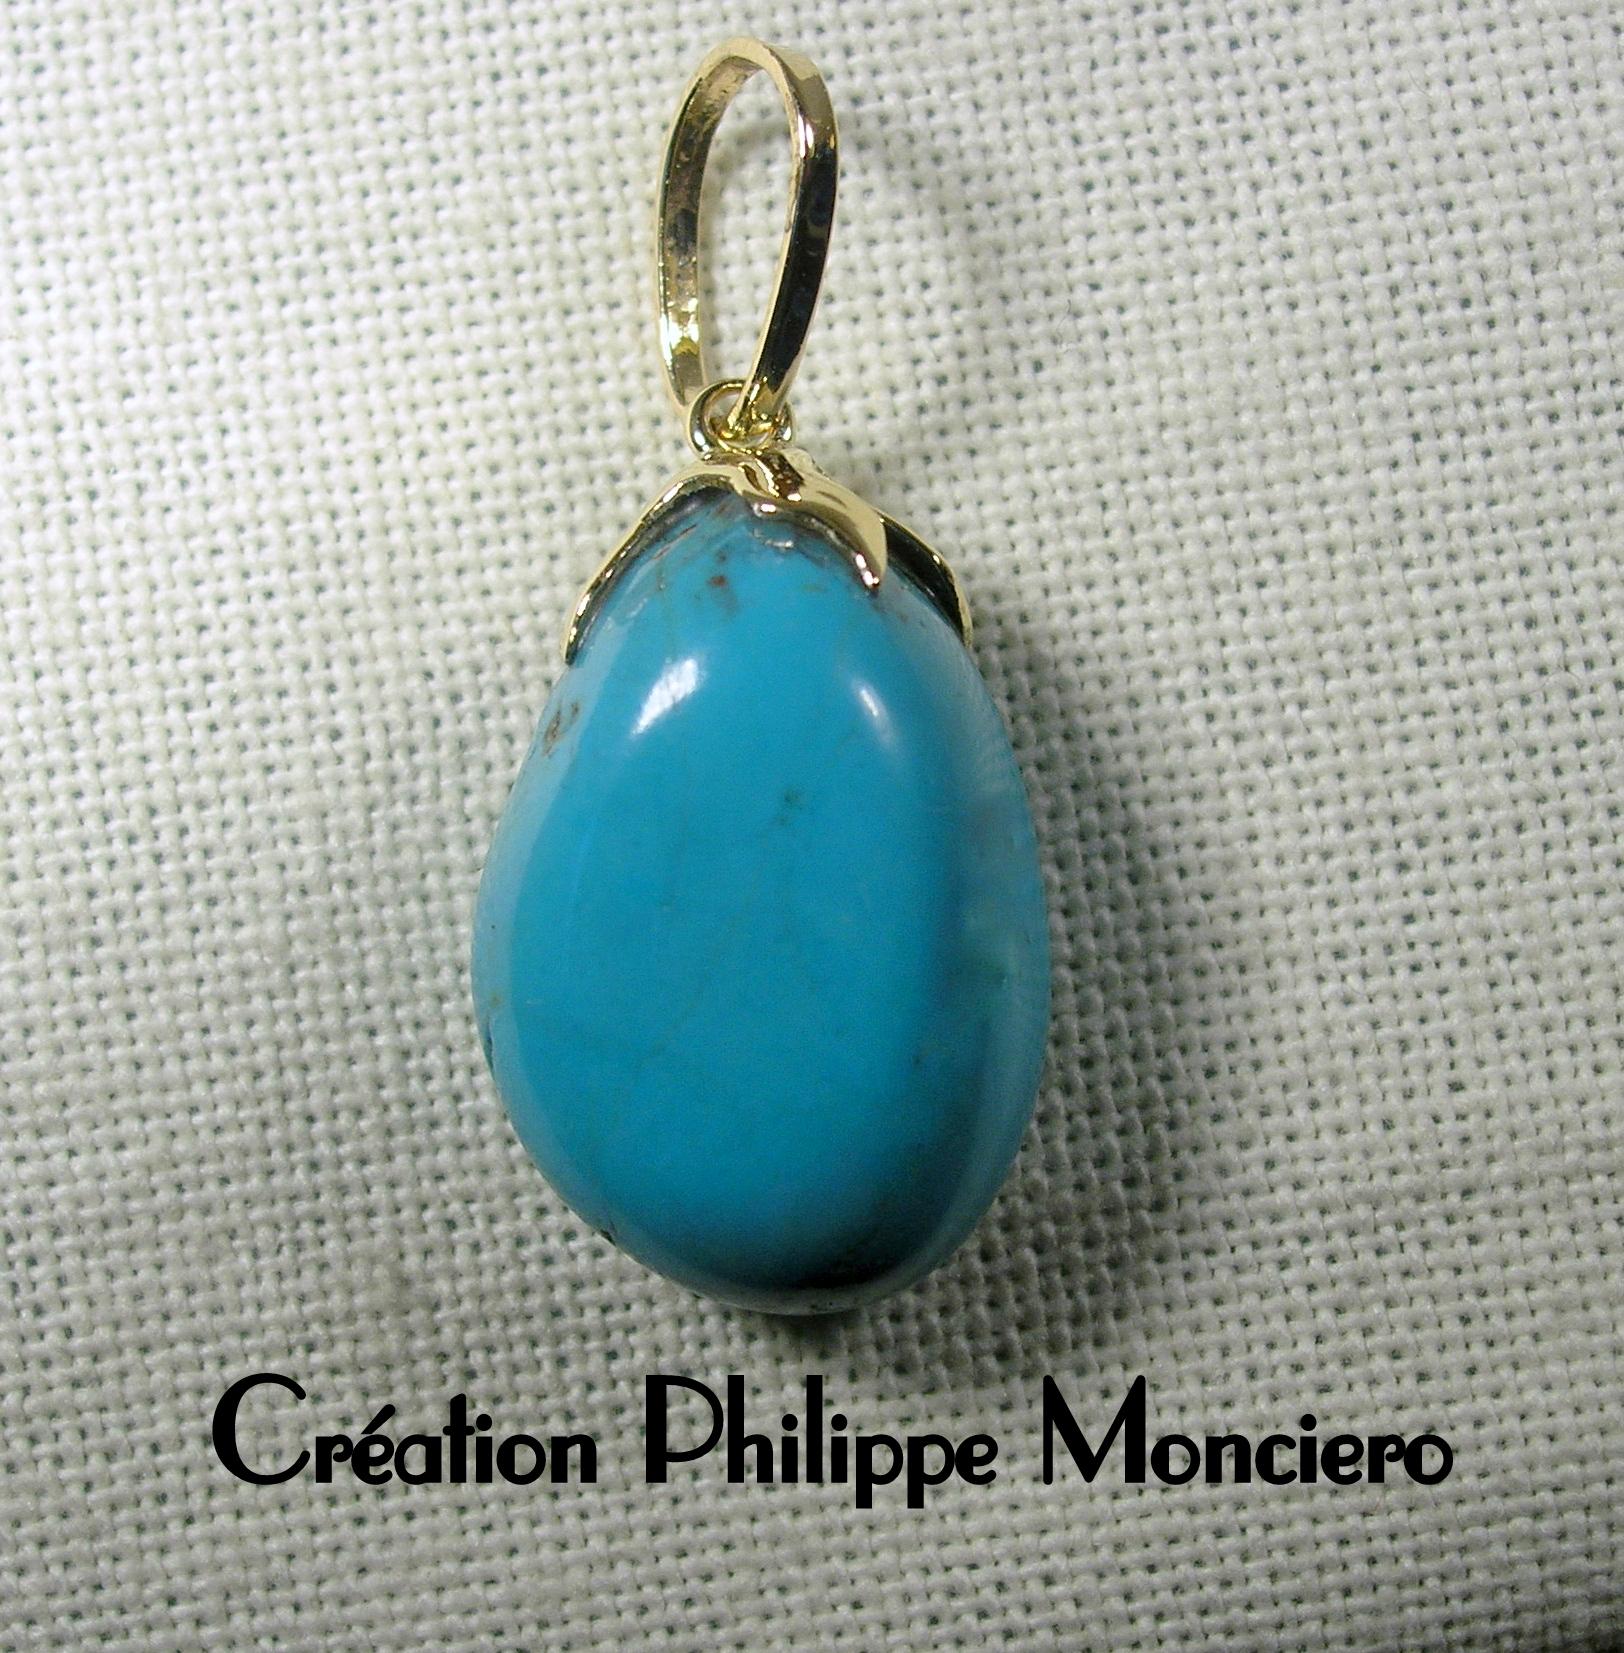 Pendentif turquoise et petit motif or. Monciero - Nîmes